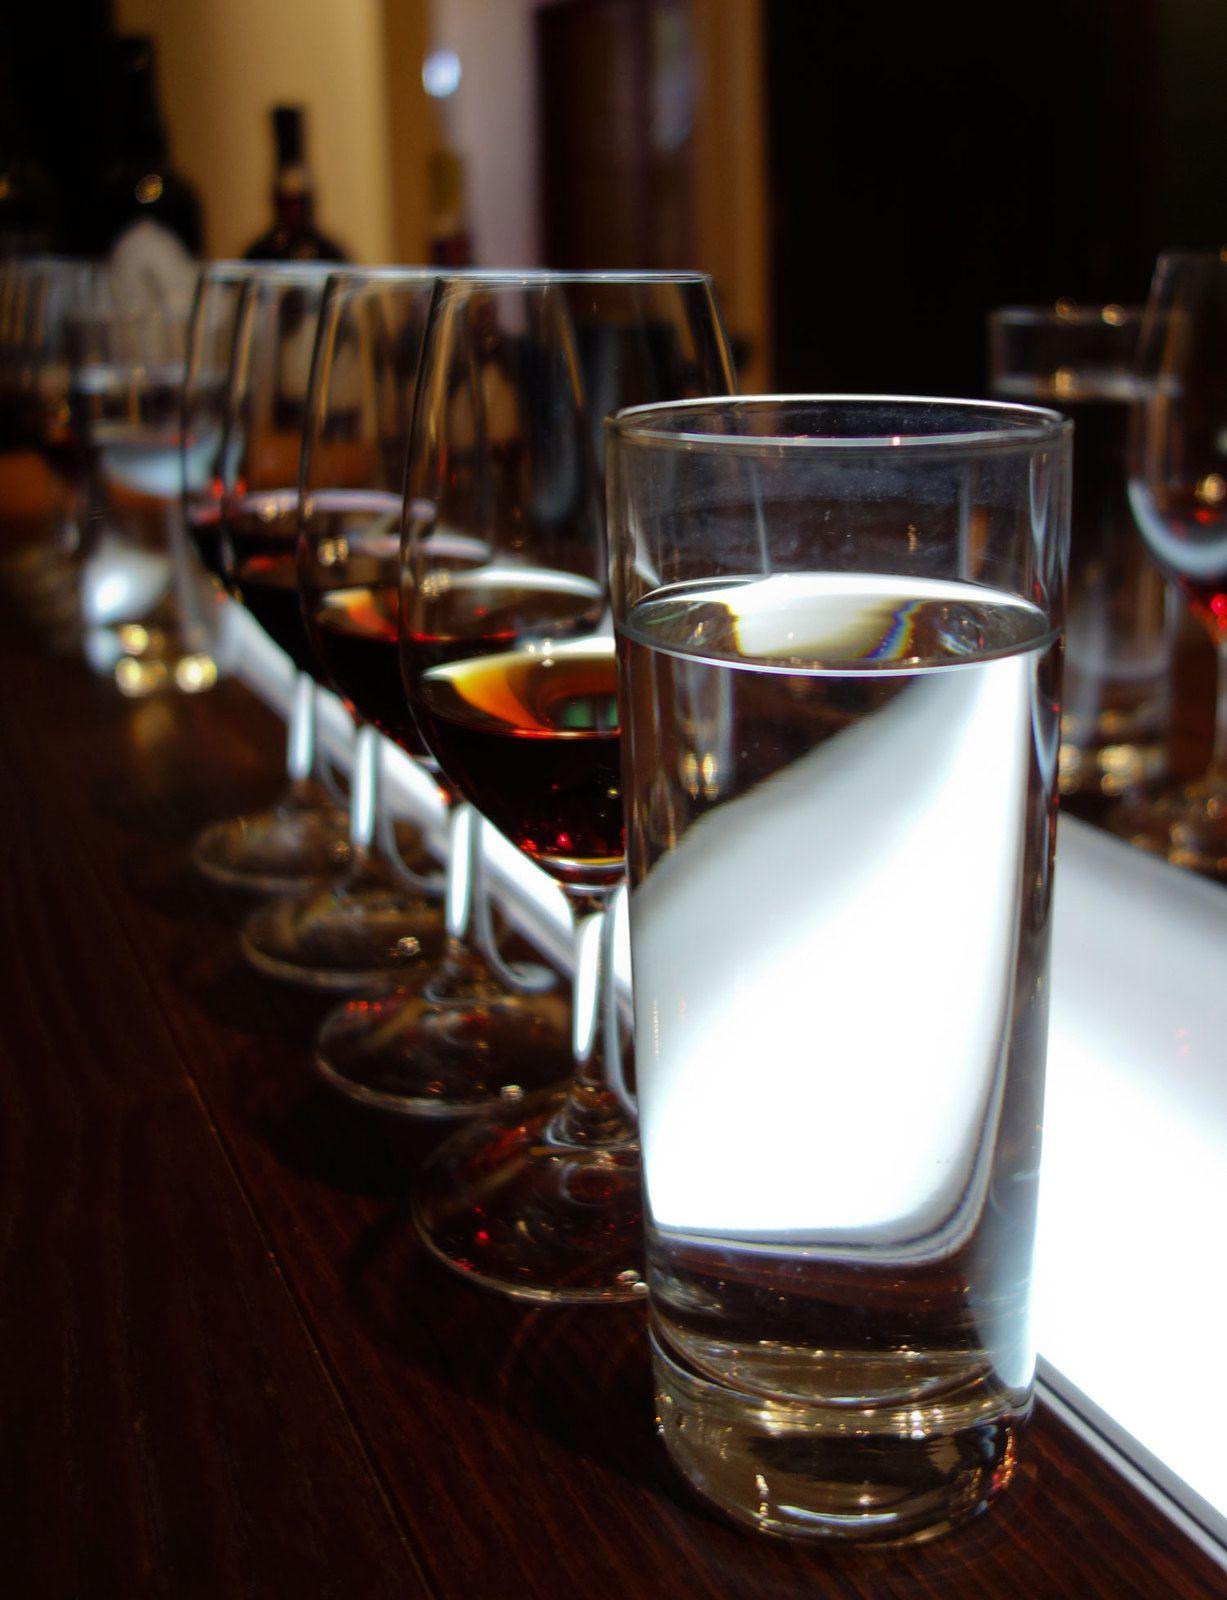 On va entamer la dégustation... vous voyez que le verre d'eau est bien présent !